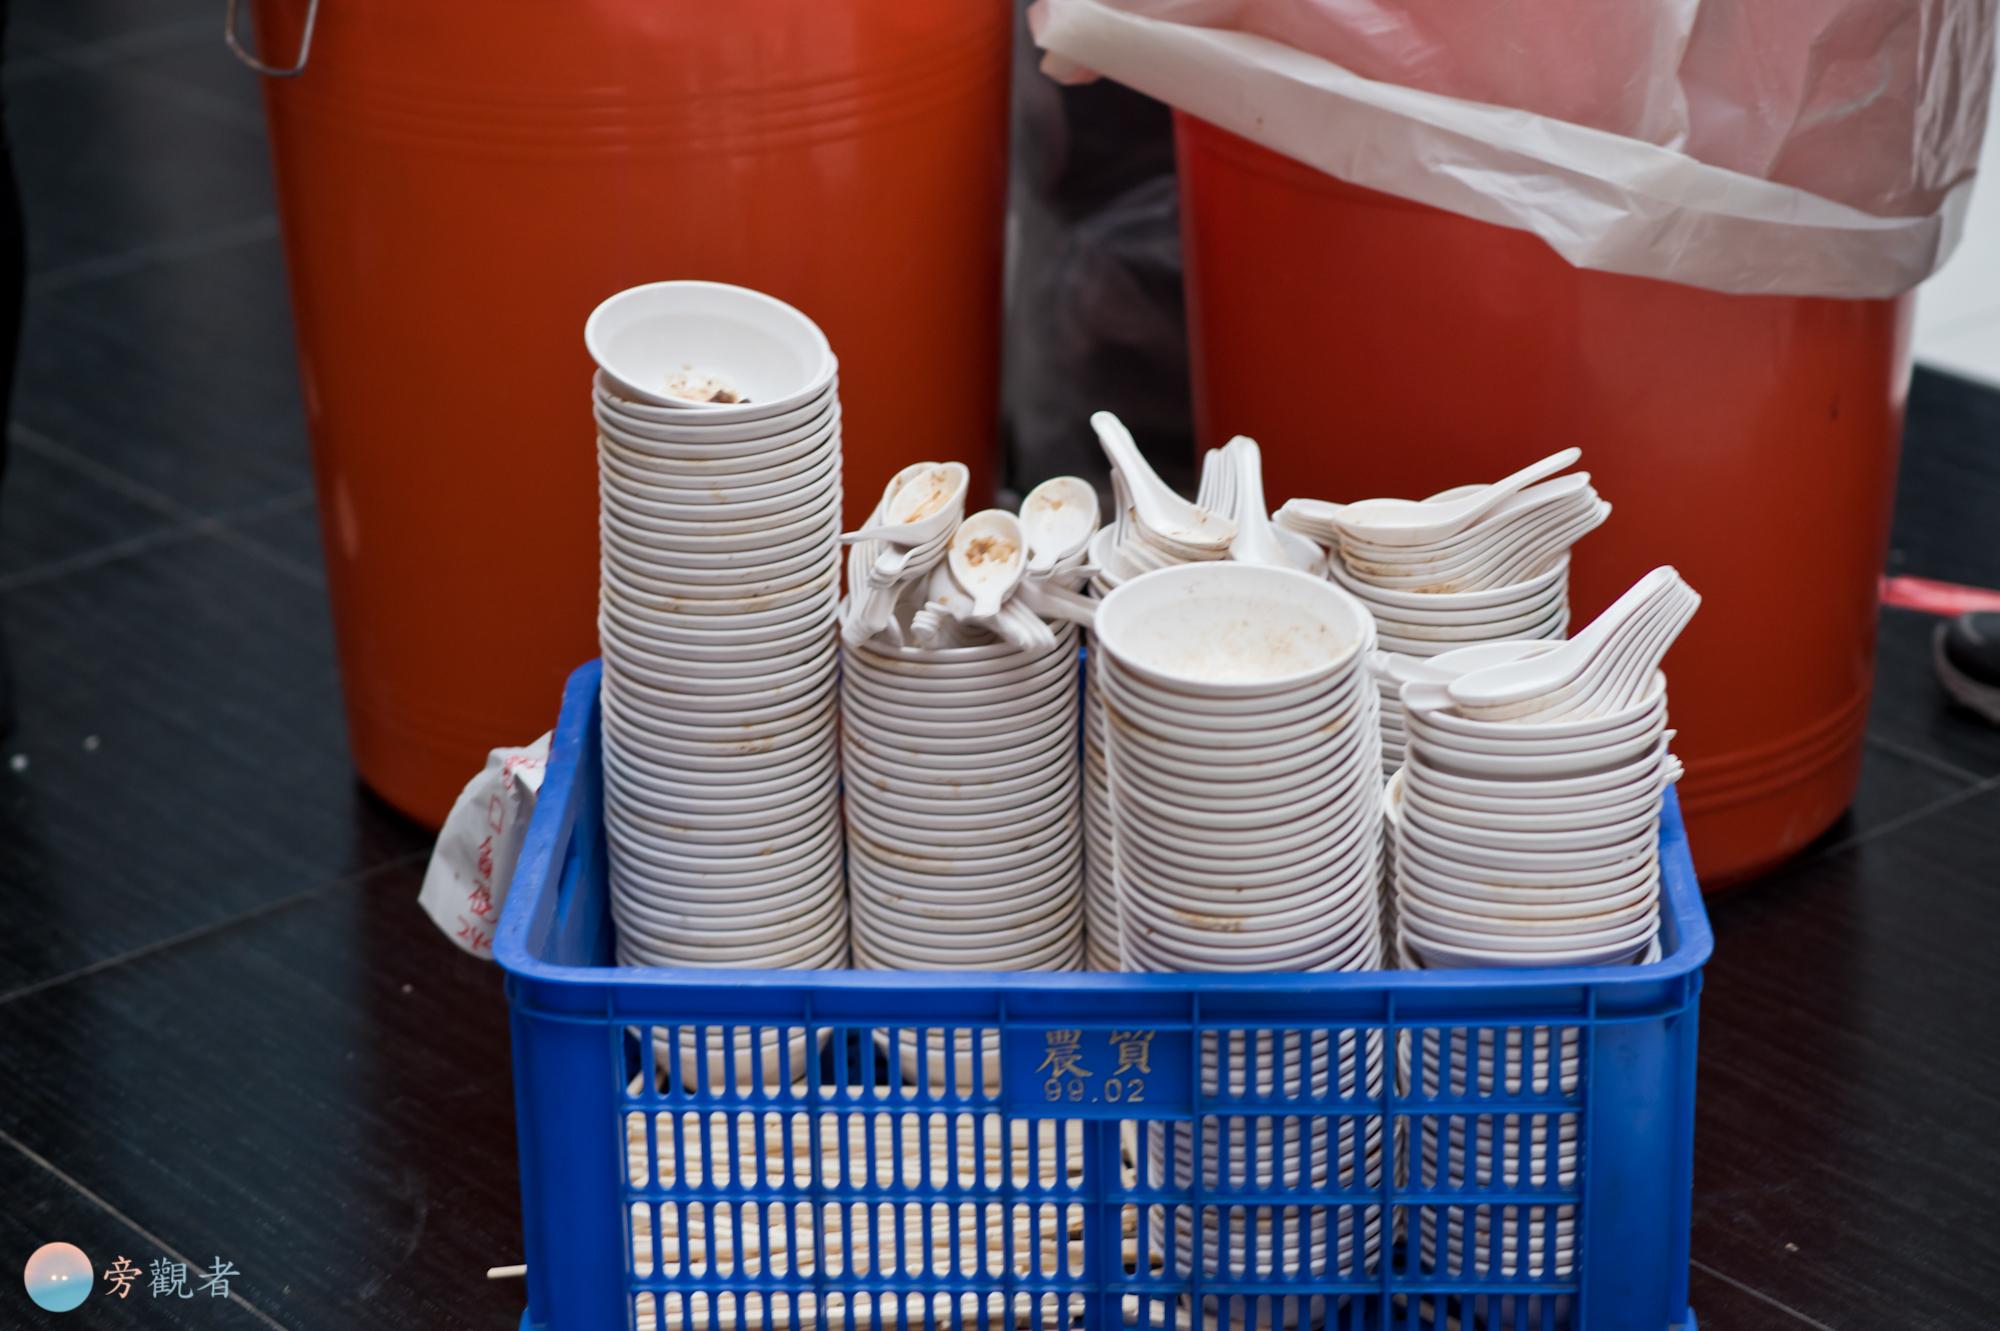 餐具回收處。部分攤位以重複使用的餐具提供魯肉飯餐點